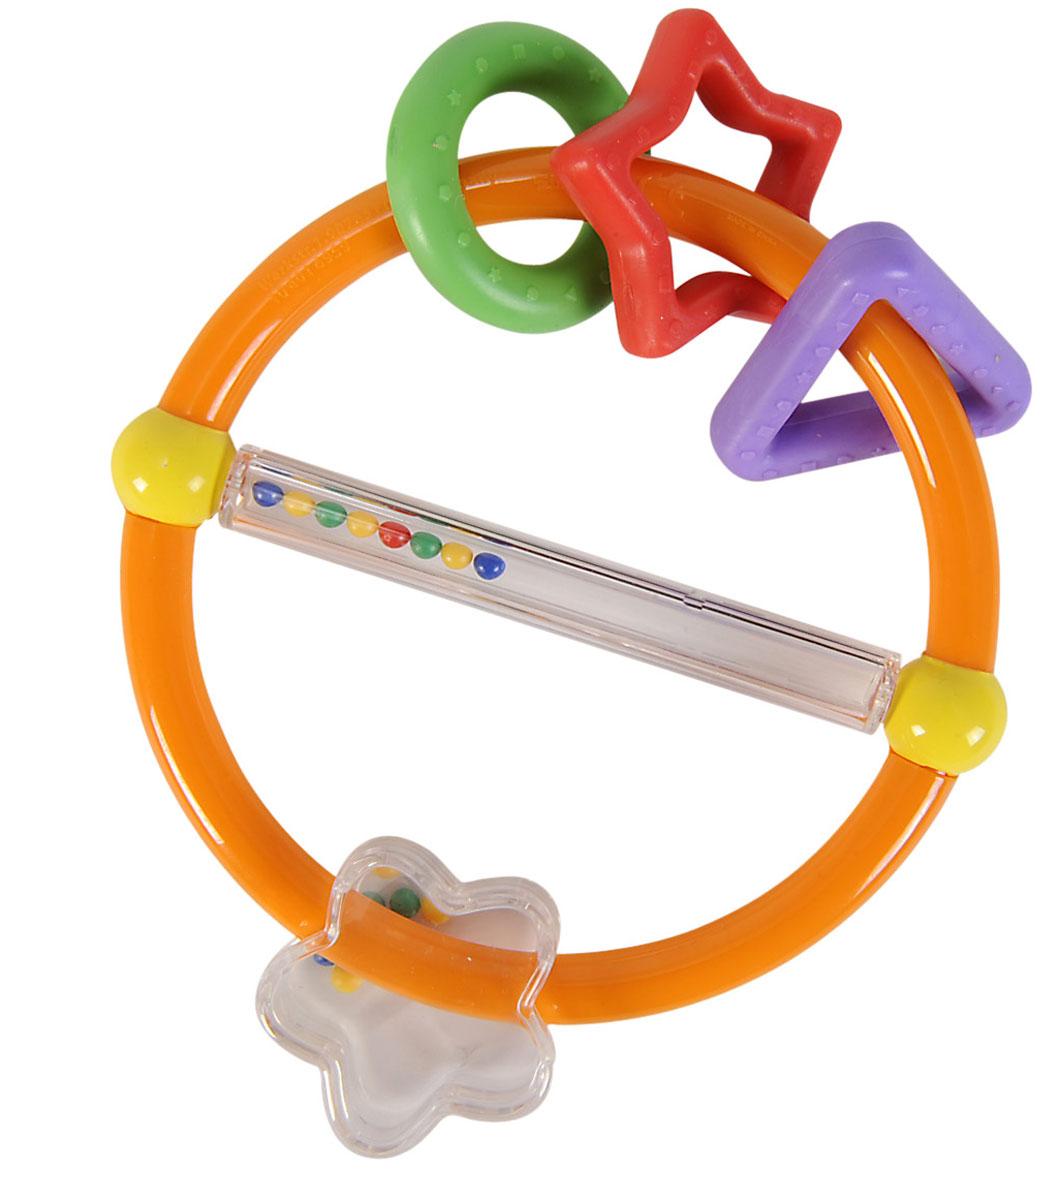 Simba Погремушка с подвесками цвет оранжевый4016959Яркая погремушка привлечет внимание вашего ребенка и надолго останется его любимой игрушкой. Детская погремушка предназначена для детей в возрасте от трех месяцев. Погремушка выполнена в виде круга, на котором подвешены резиновые фигуры в виде звездочки, кружка и треугольника и прозрачный цветочек. Резиновые подвески можно использовать как прорезыватели. Круг разделен прозрачной трубкой с перекатывающимися там цветными шариками. В игровой форме малыш ознакомится с такими понятиями, как звук, цвет и форма предмета.